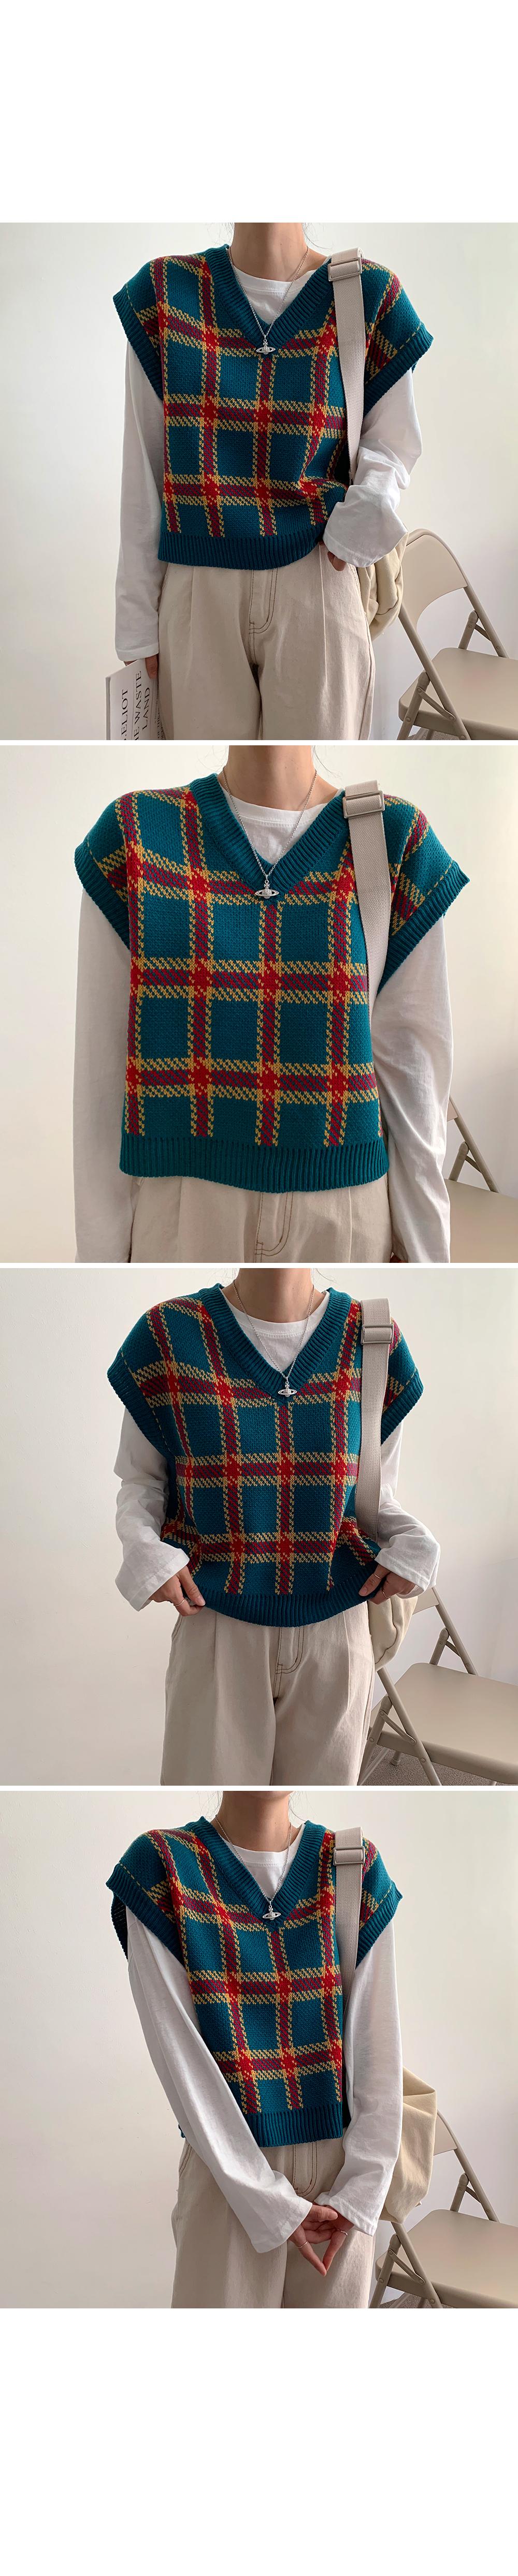 Loazard Knit Vest